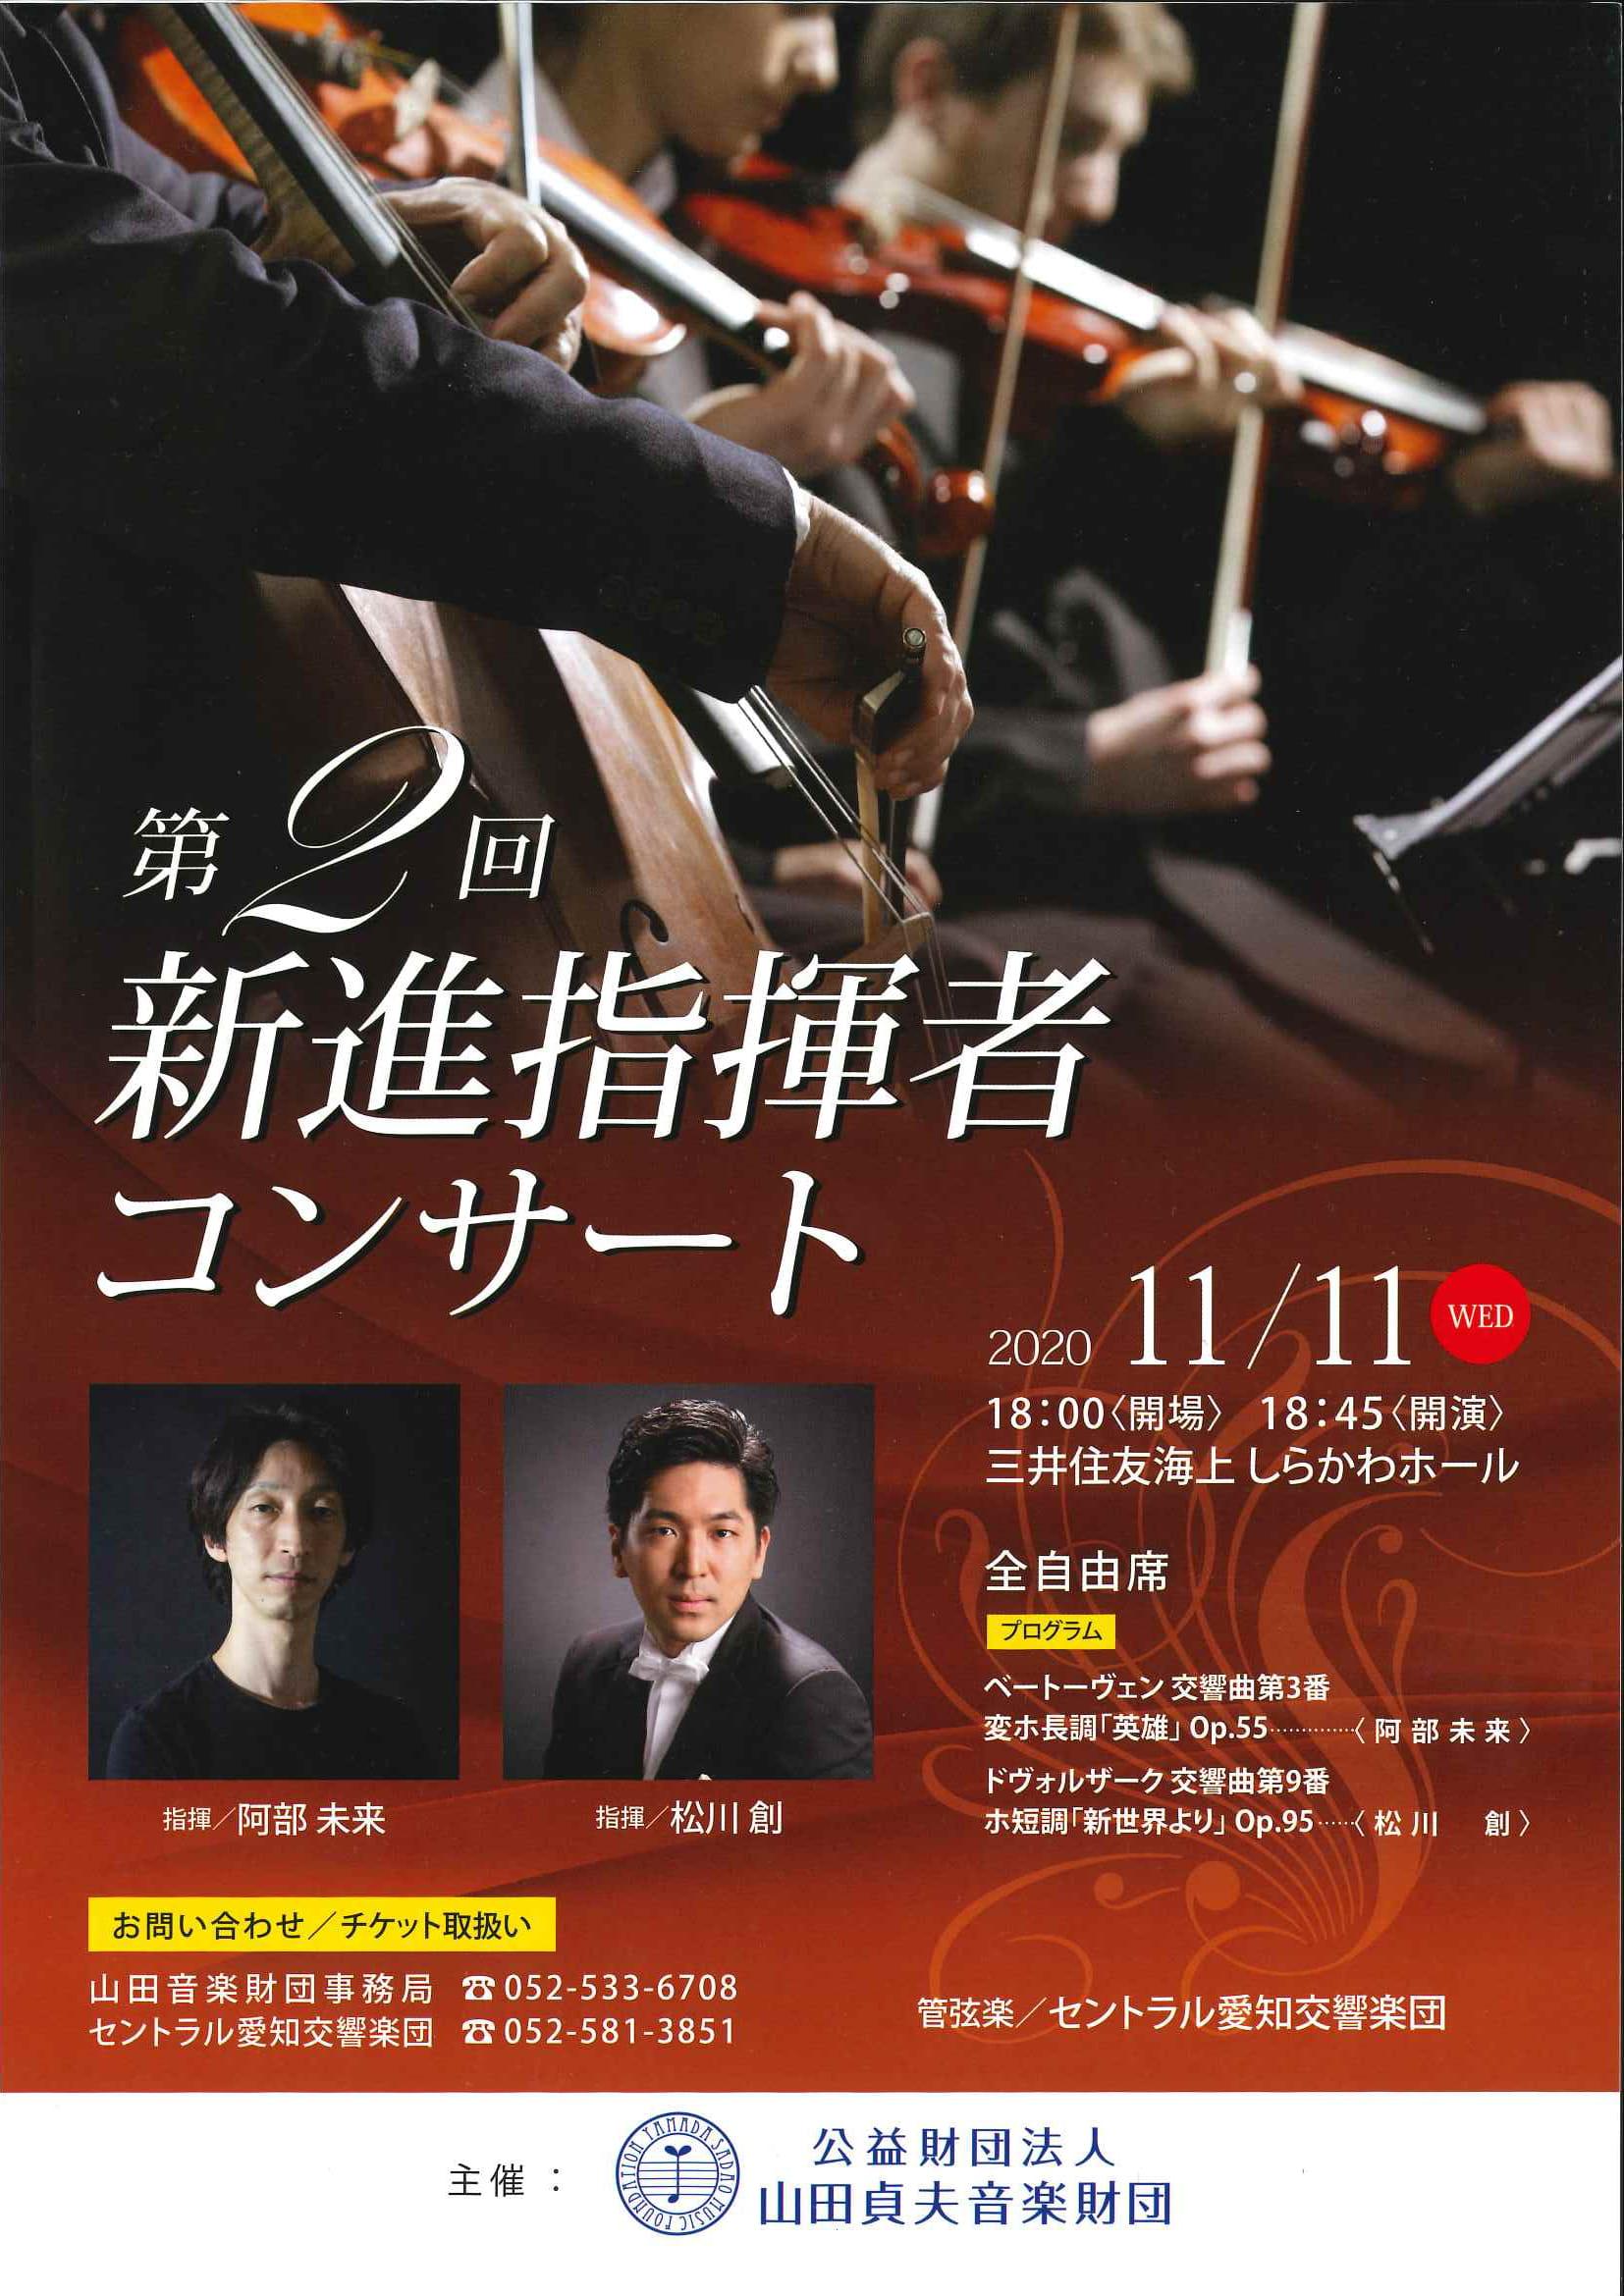 第2回 新進指揮者コンサート